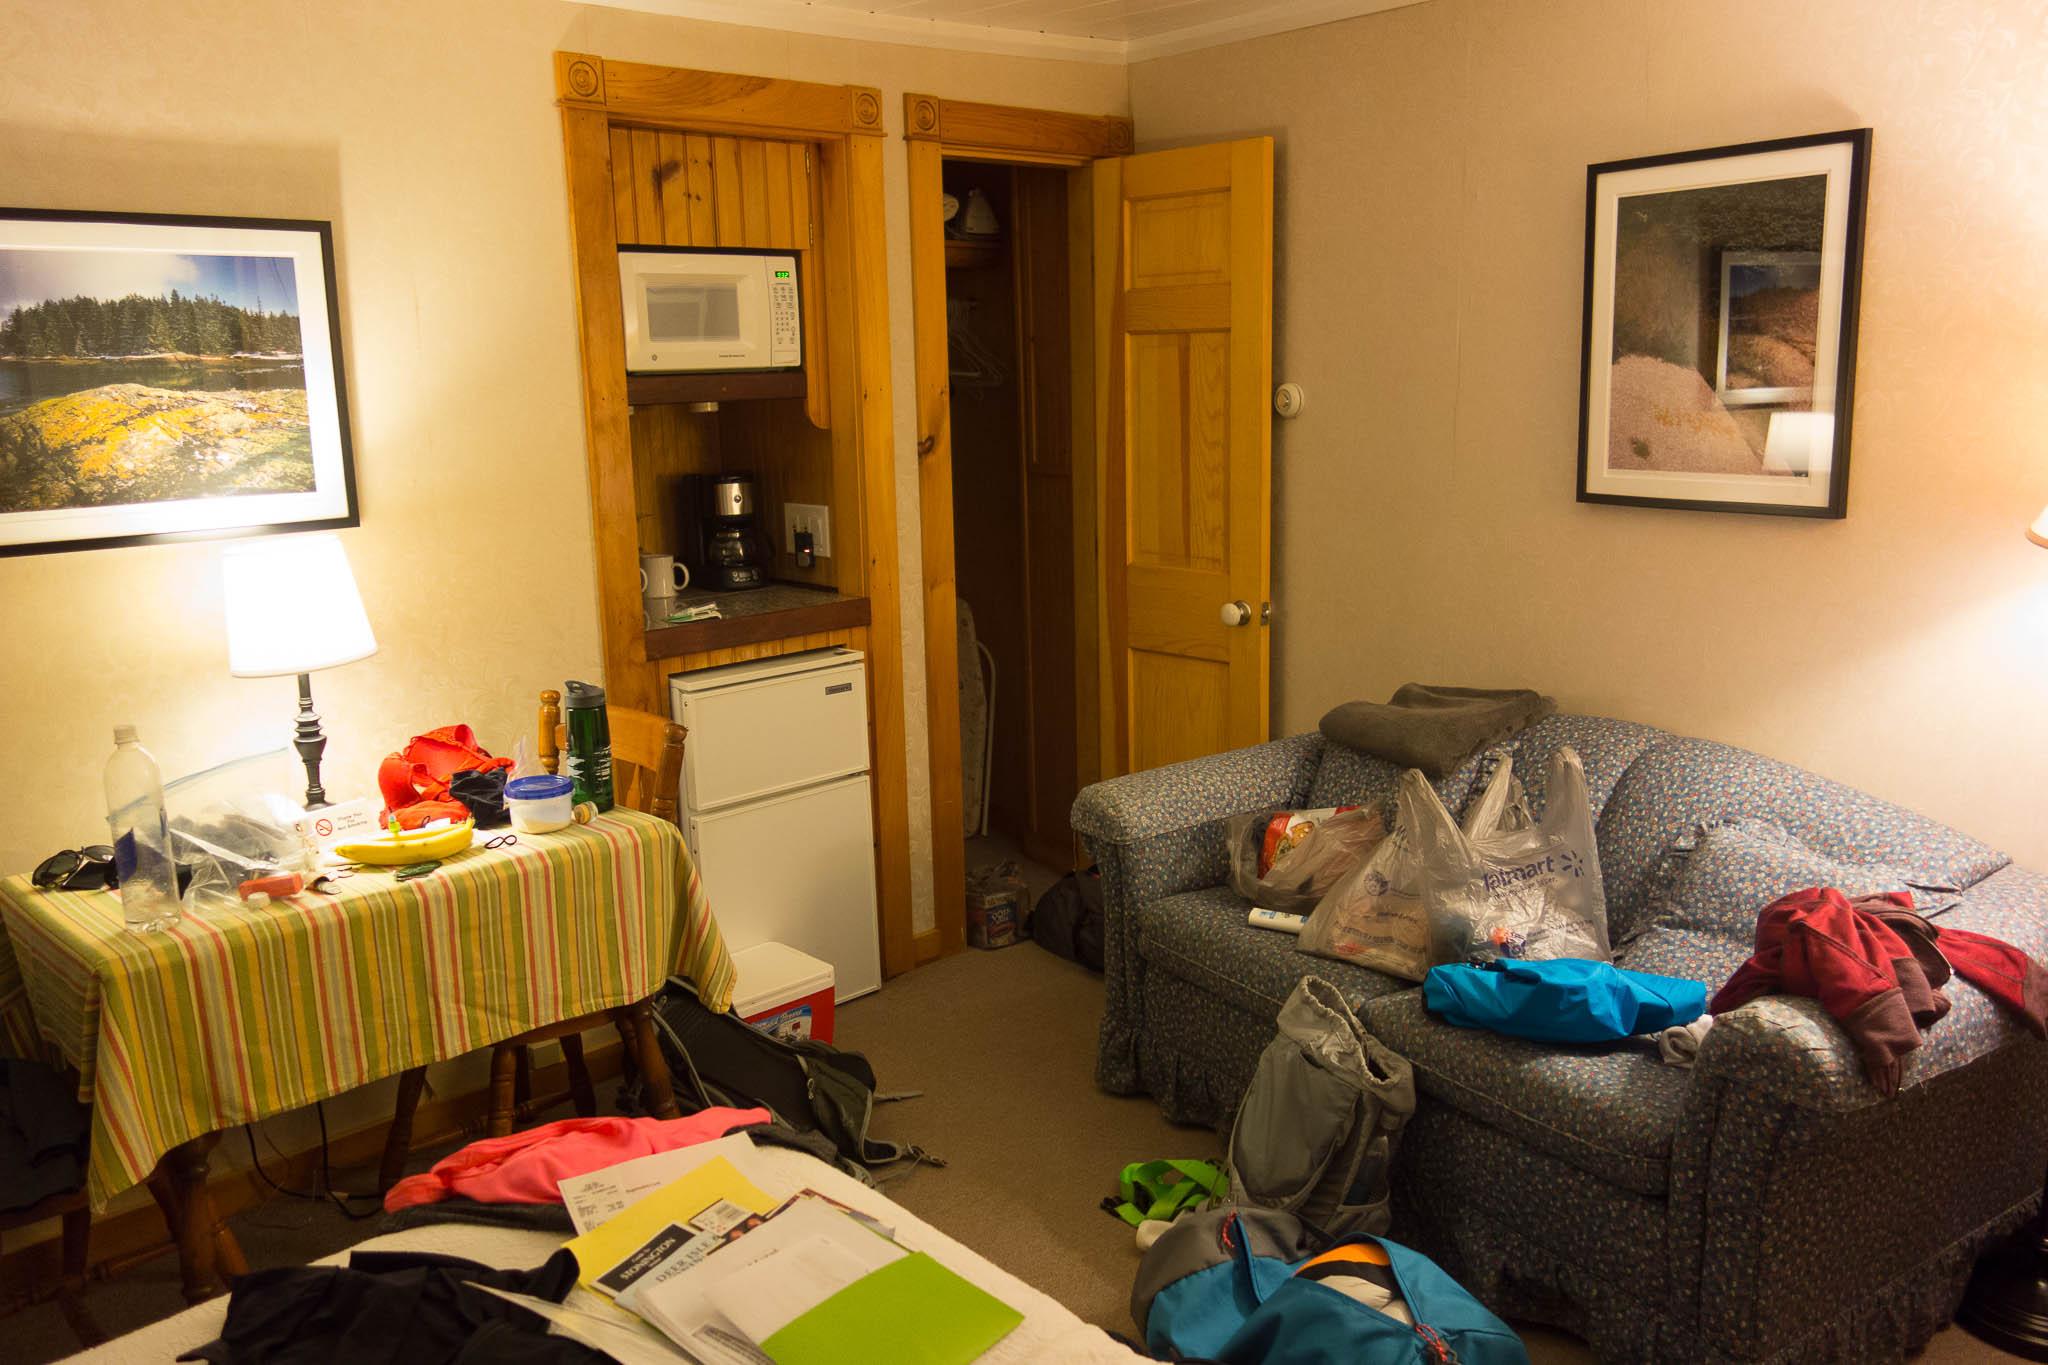 Acadia: Room 5 in Boyce's Motel in Stonington